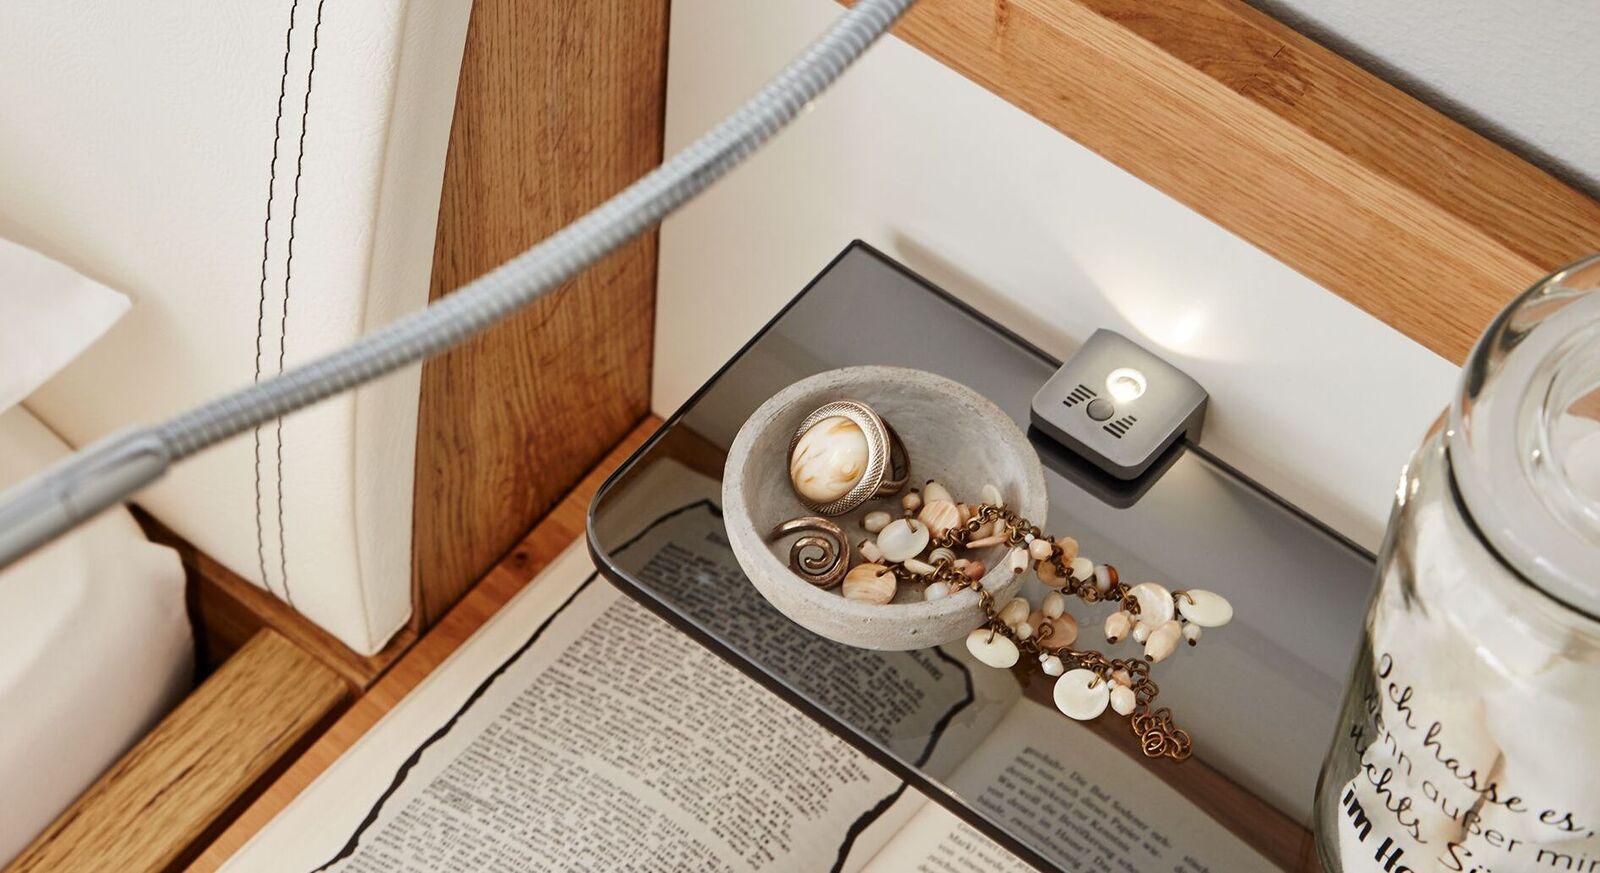 INTERLIVING Nachttisch-Aufsatzpaneel 1202 mit LED-Beleuchtung